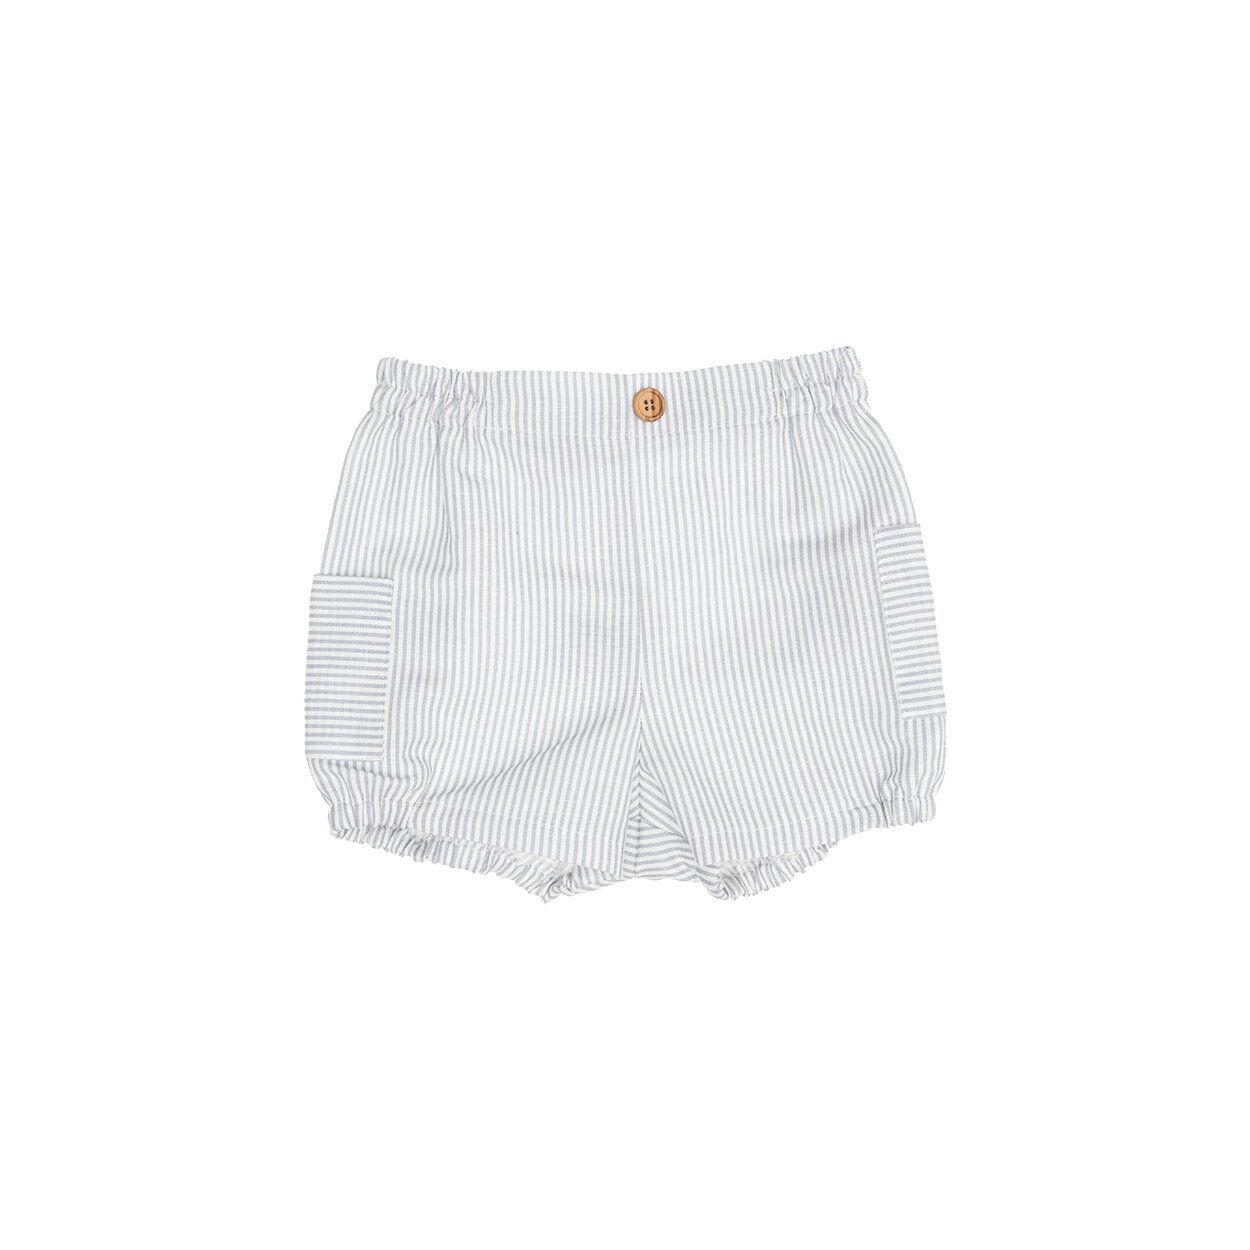 Abbigliamento Neonato Short in cotone a righe con tasche multicolor